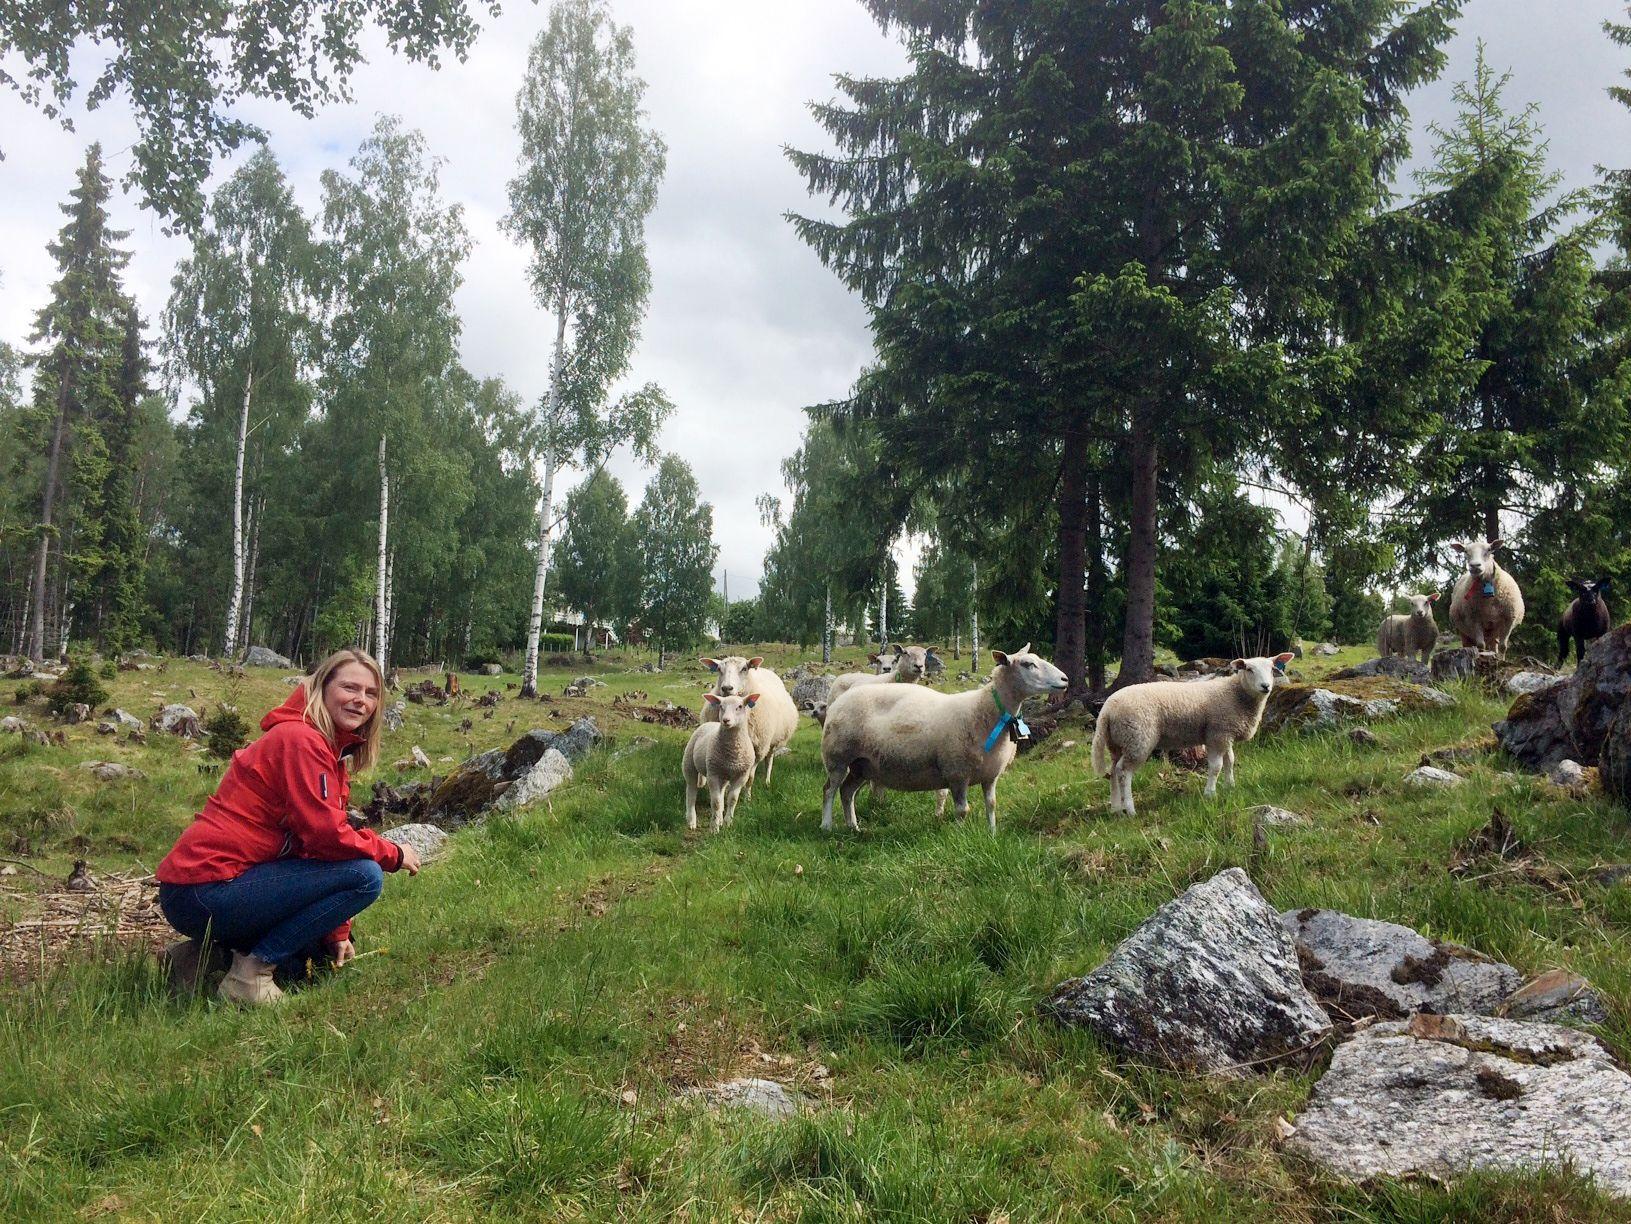 HOLDES INNE: Spesialkonsulent for jordbruk ved landbrukskontoret for Hadeland, Kjersti Andresen, sammen med noen av sauene i kommunene som skulle vært på utmarksbeitet.